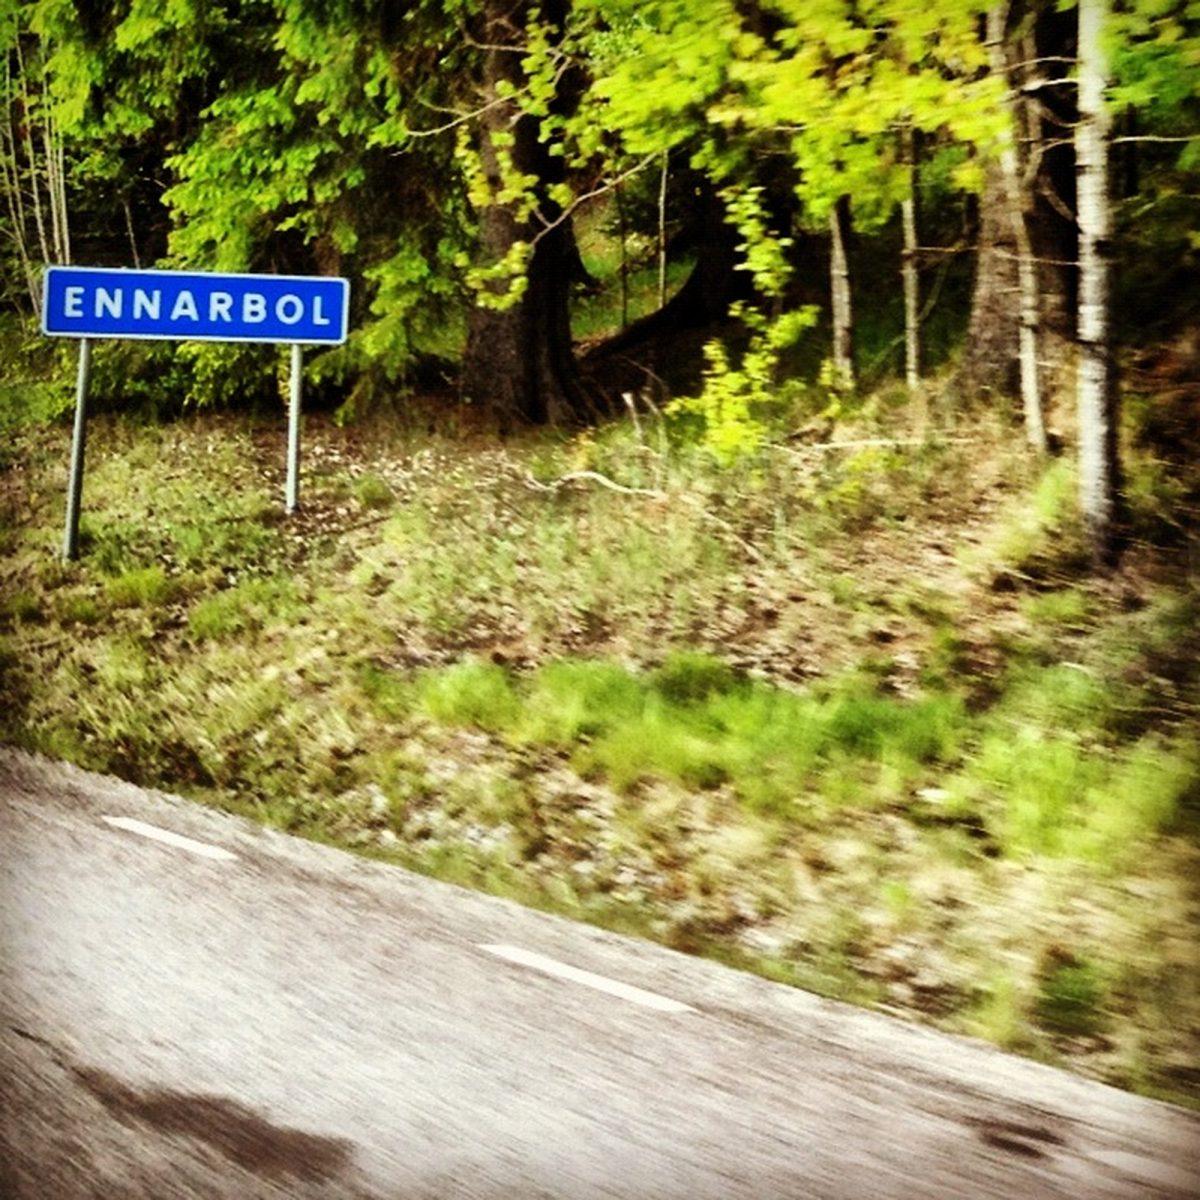 Ennarbol o En árbol? Un pueblecito en Värmland, Suecia <br> Foto: Israel Úbeda / sweetsweden.com